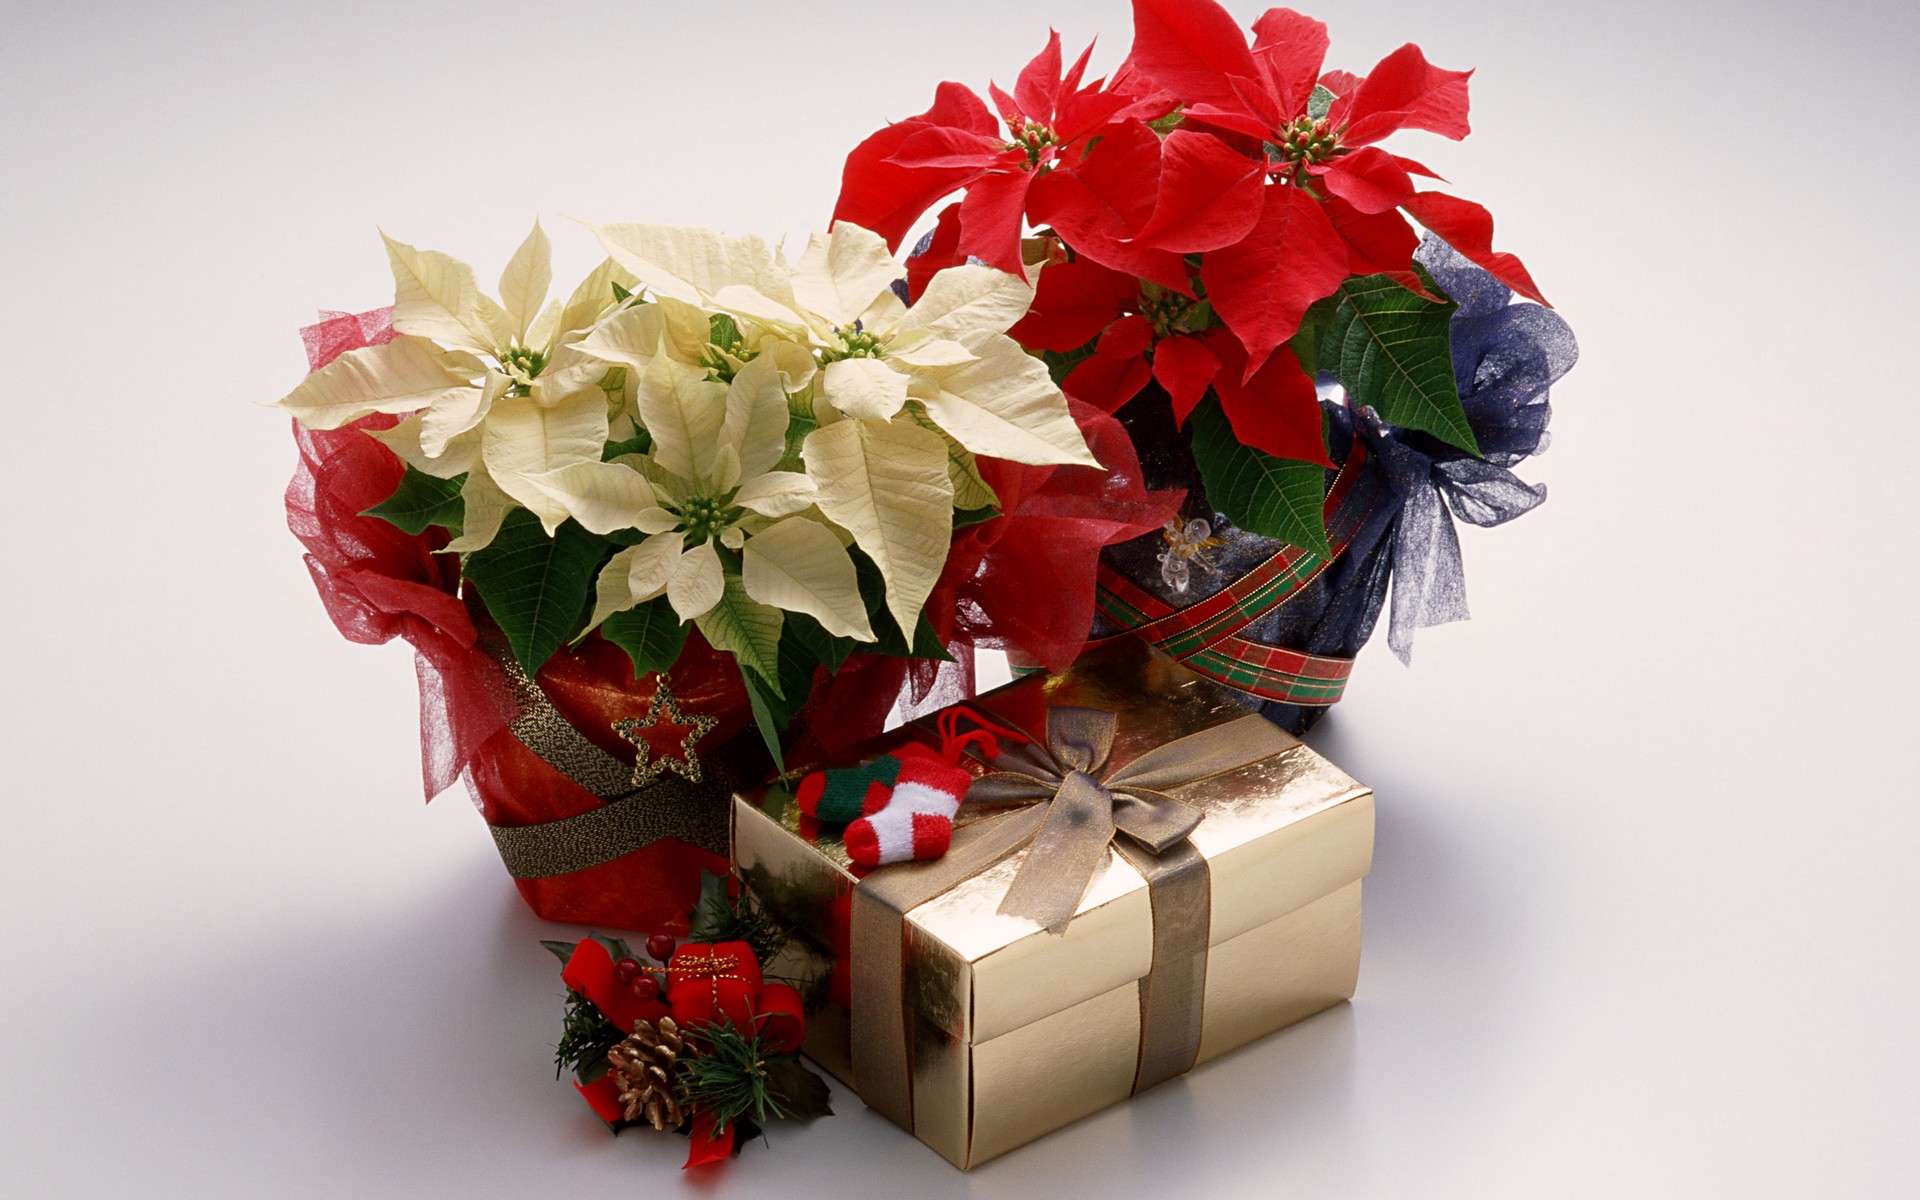 Поздравления на свадьбу к символическому подарку